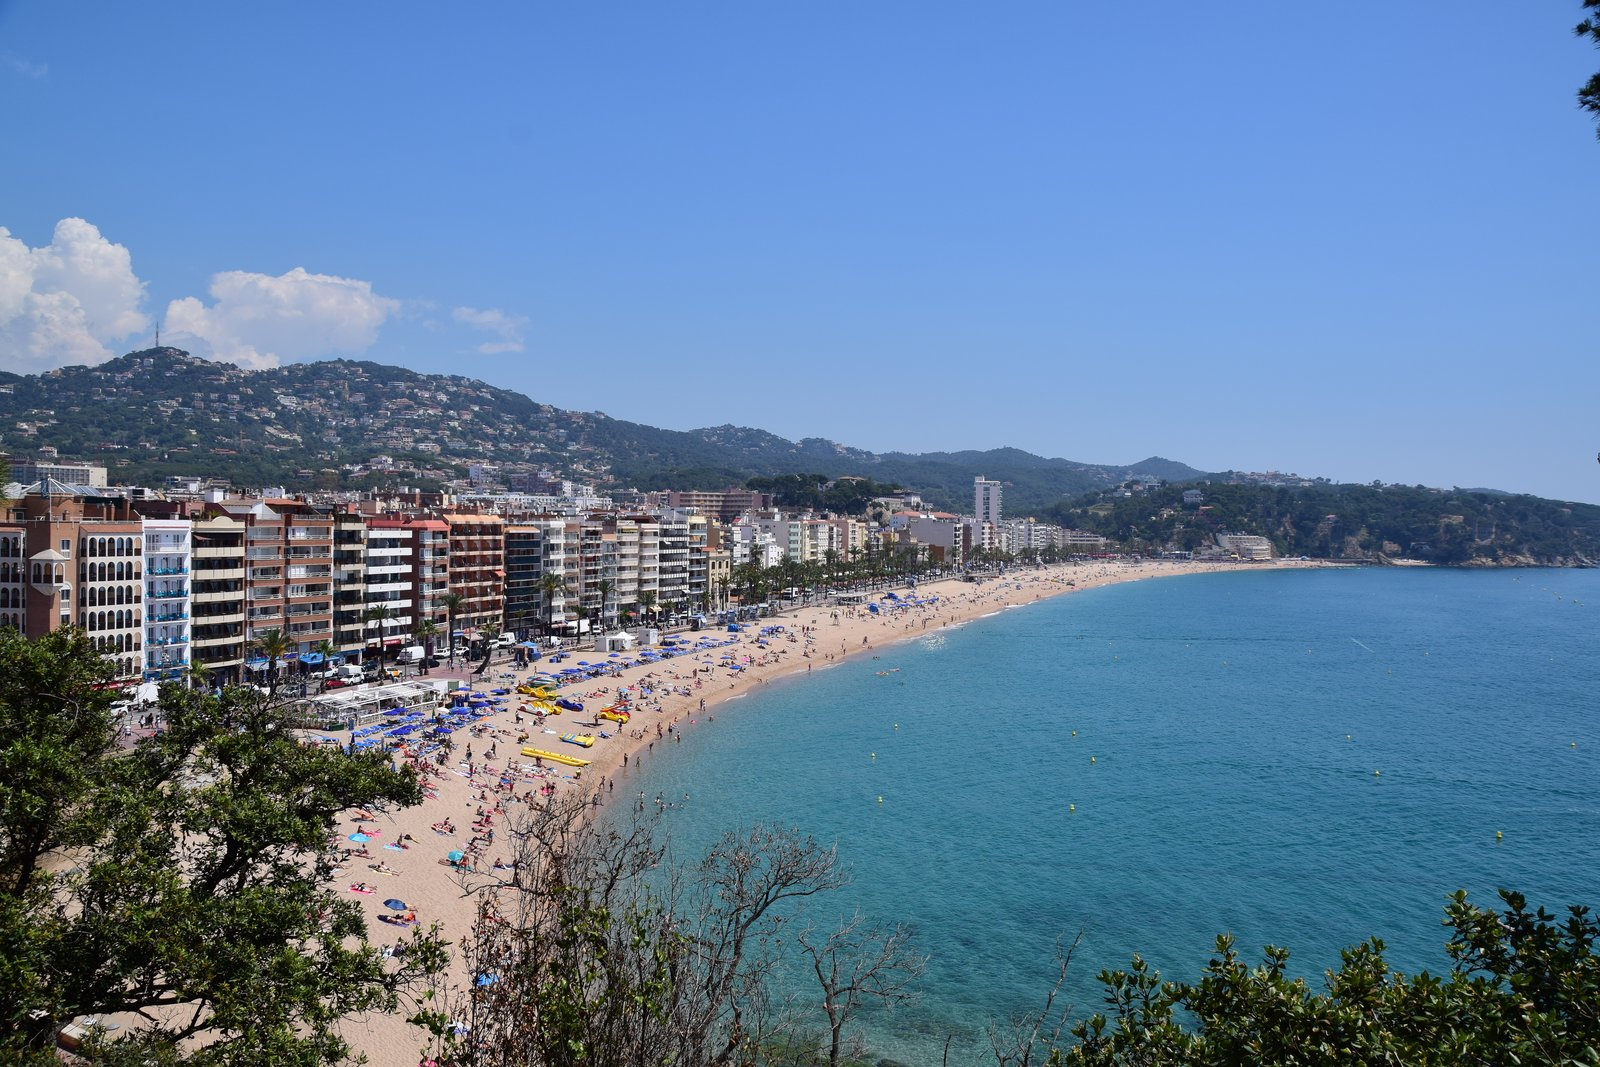 Urlaub in Lloret de Mar Spanien – Ein Erfahrungsbericht 6